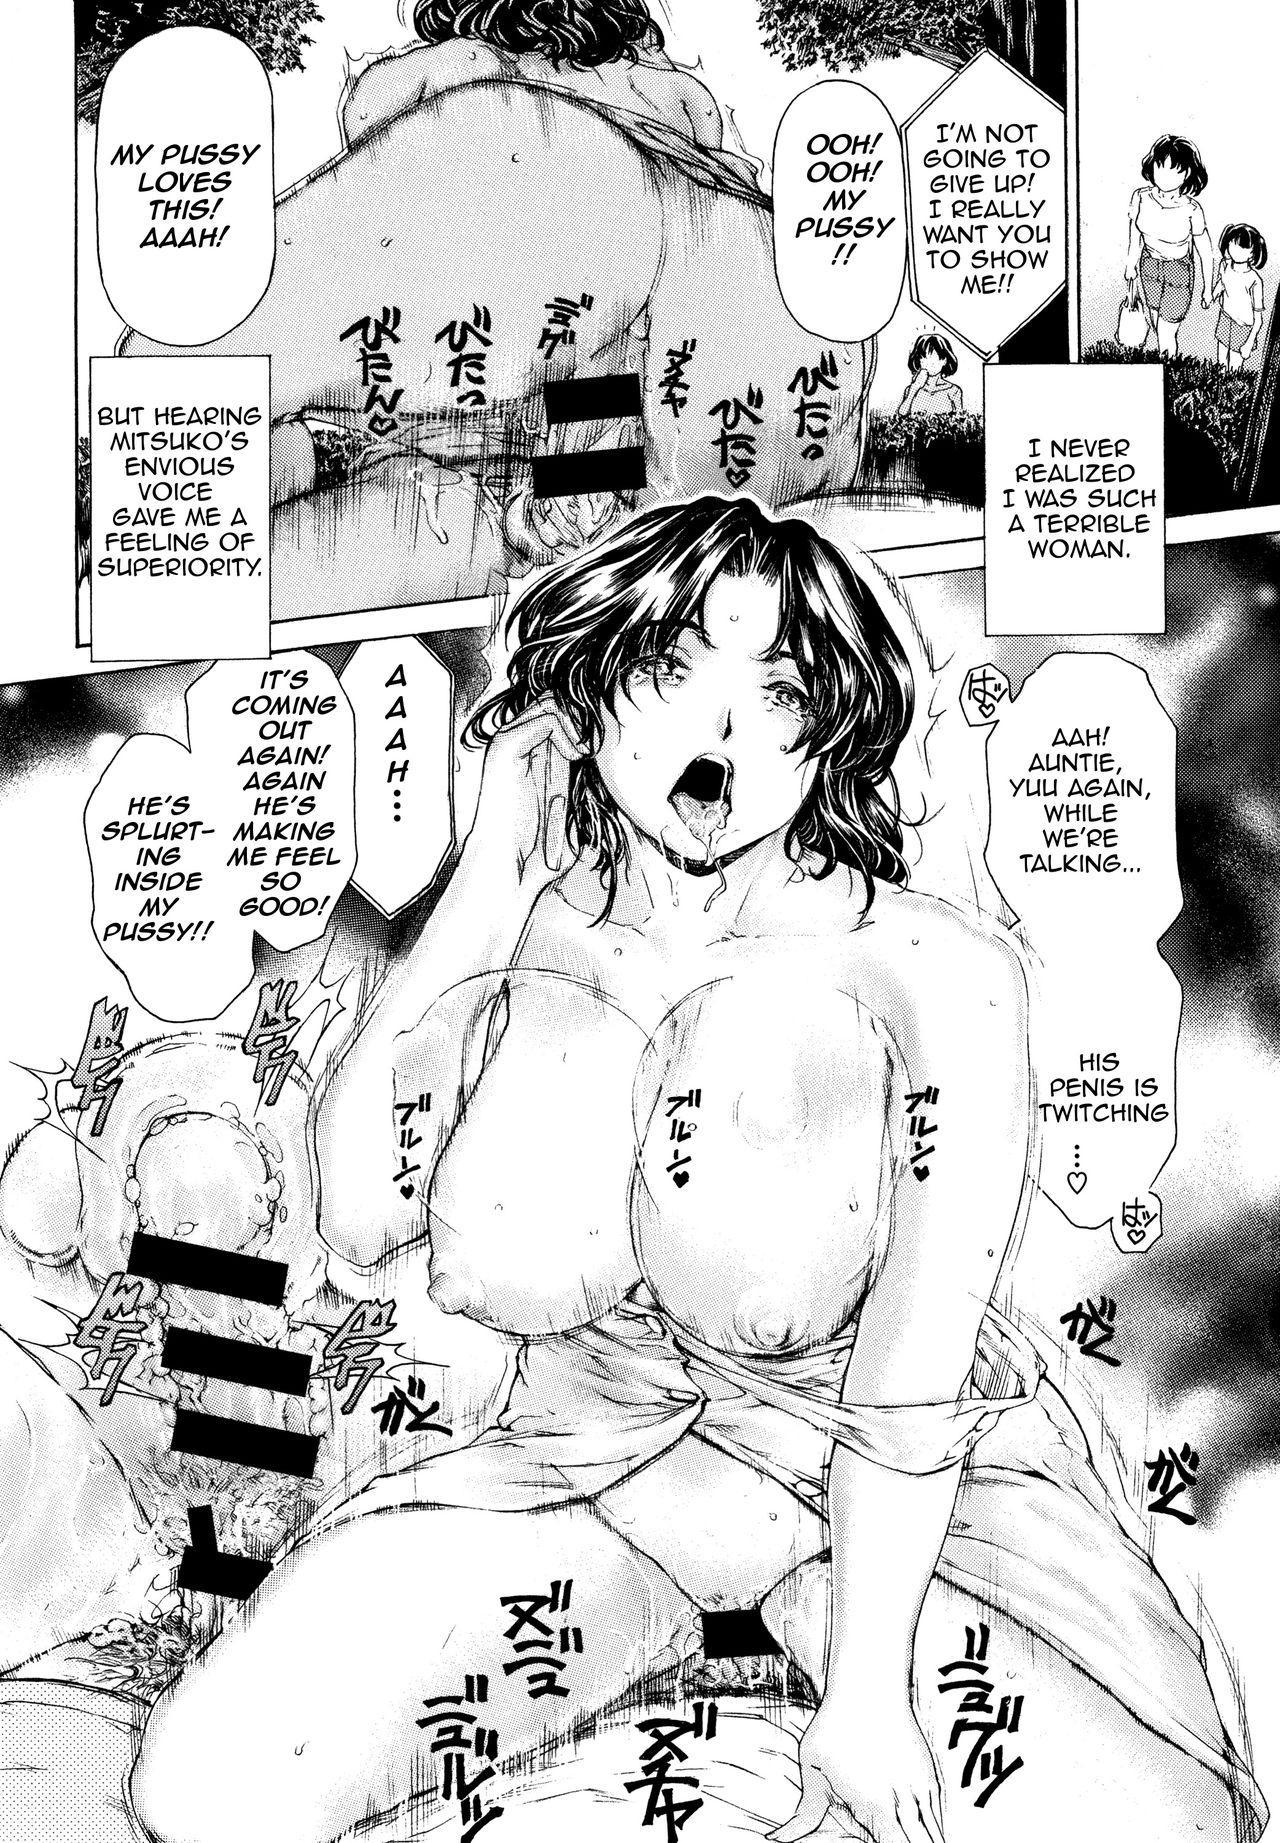 [Narita Kyousha] 9-ji kara 5-ji made no Koibito 5.9 [English][Amoskandy] 11